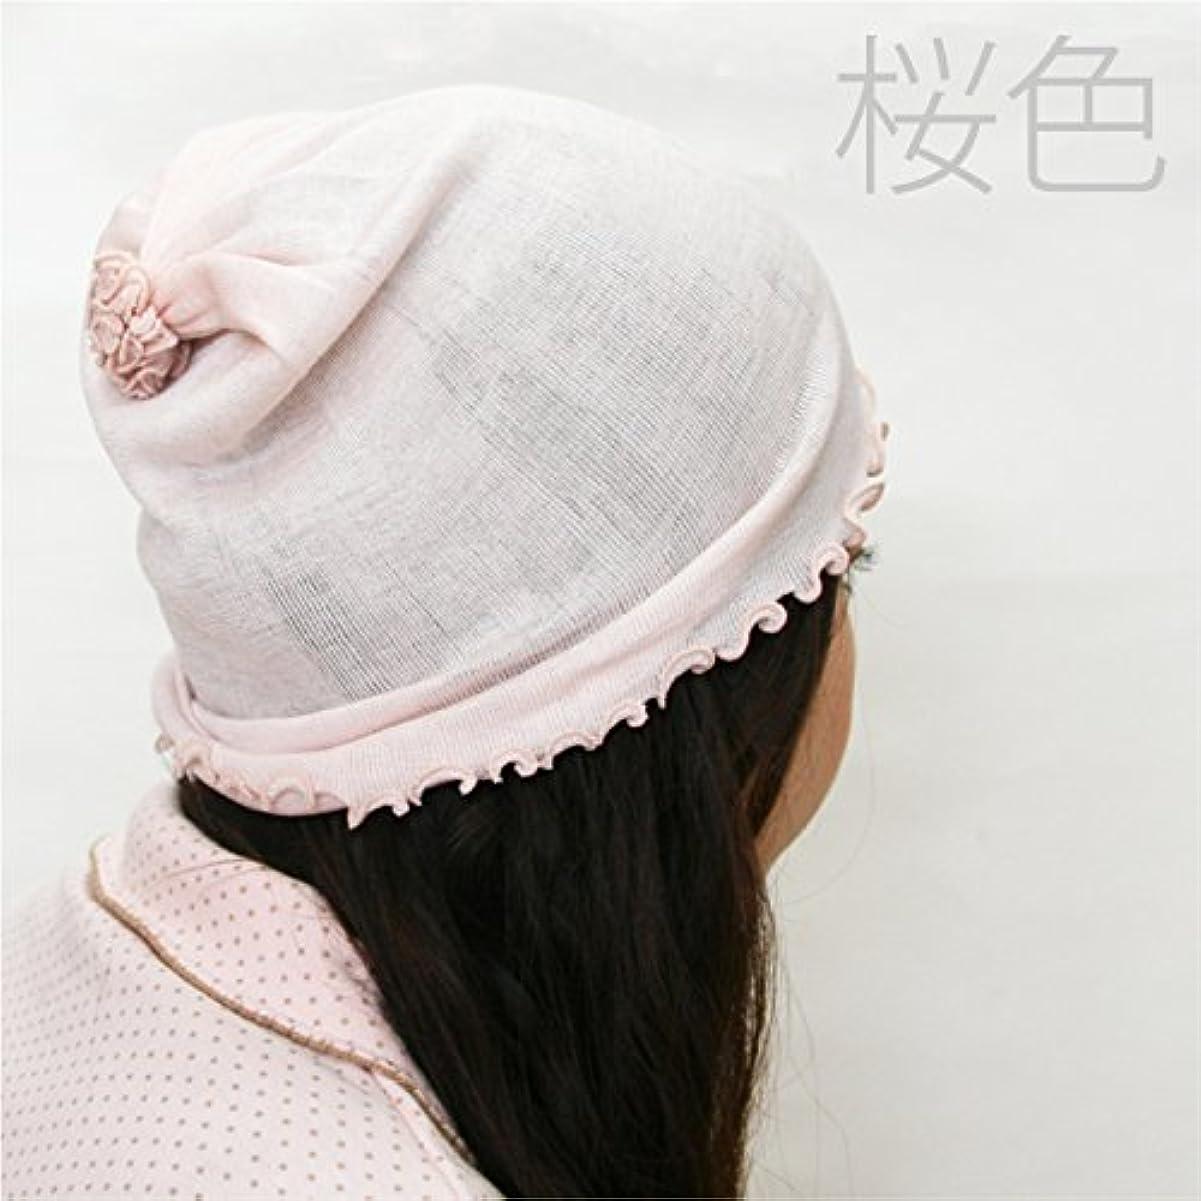 テザー可動式任意絹屋 シルクナイトキャップ SO4463 02桜色